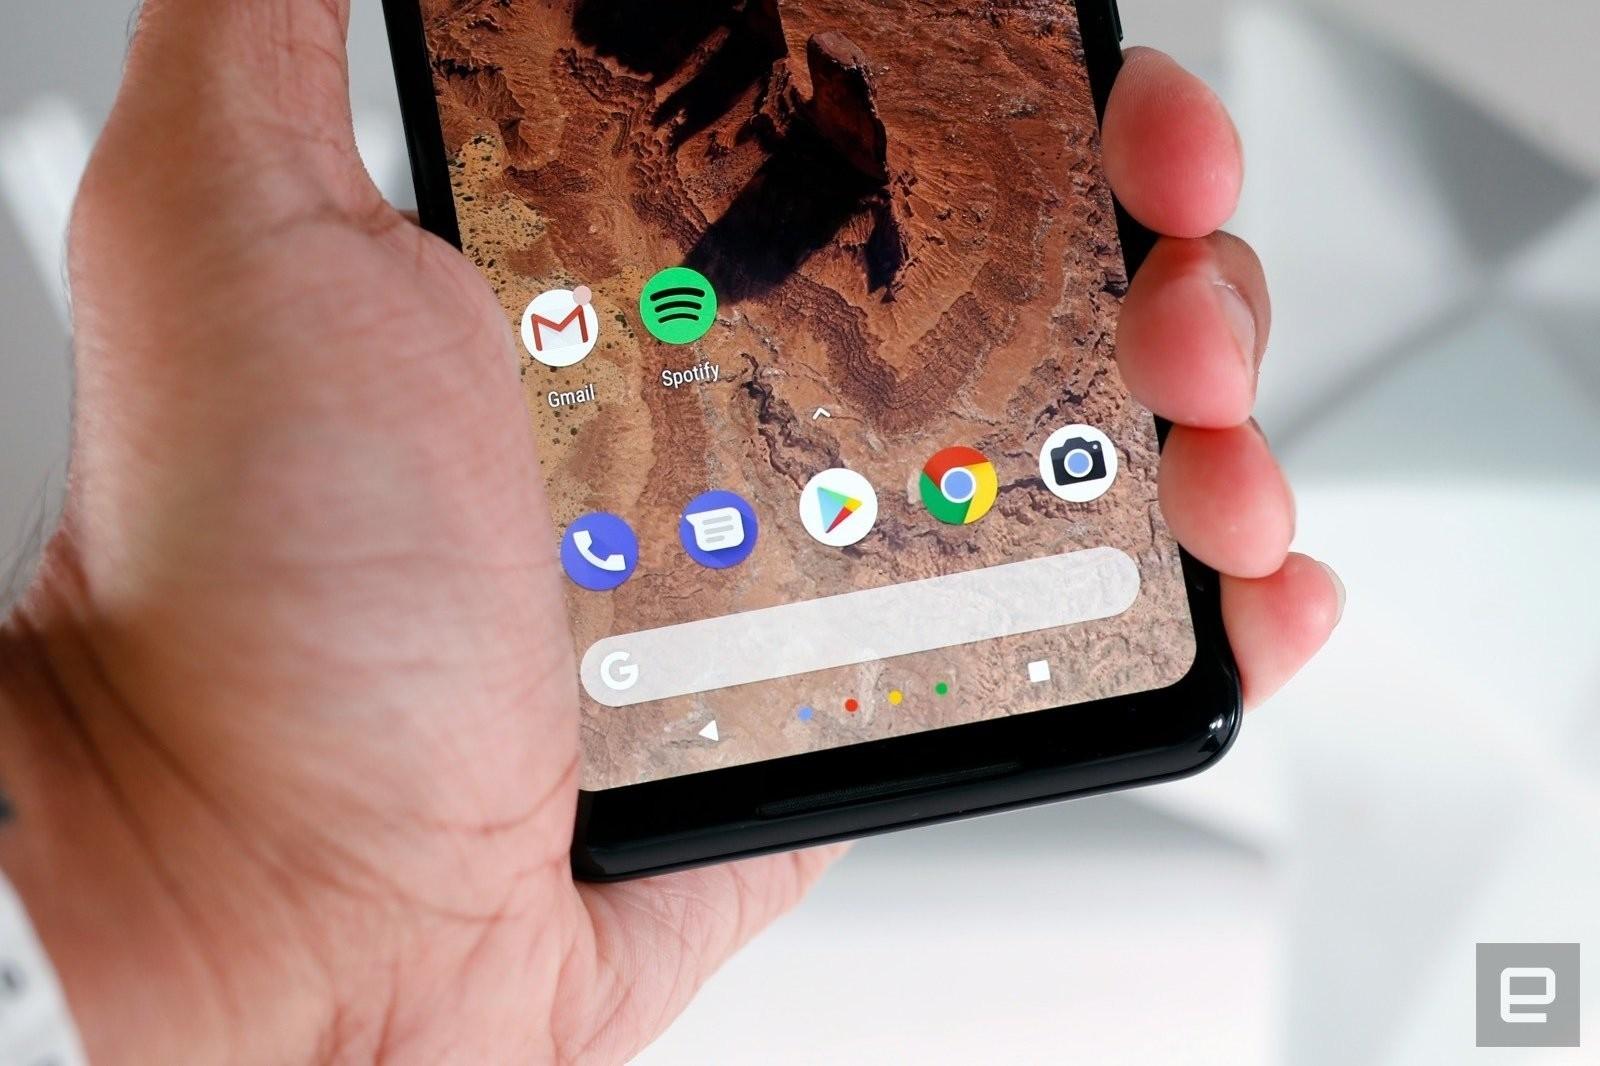 Google chặn ứng dụng trên các máy Android chưa cấp phép